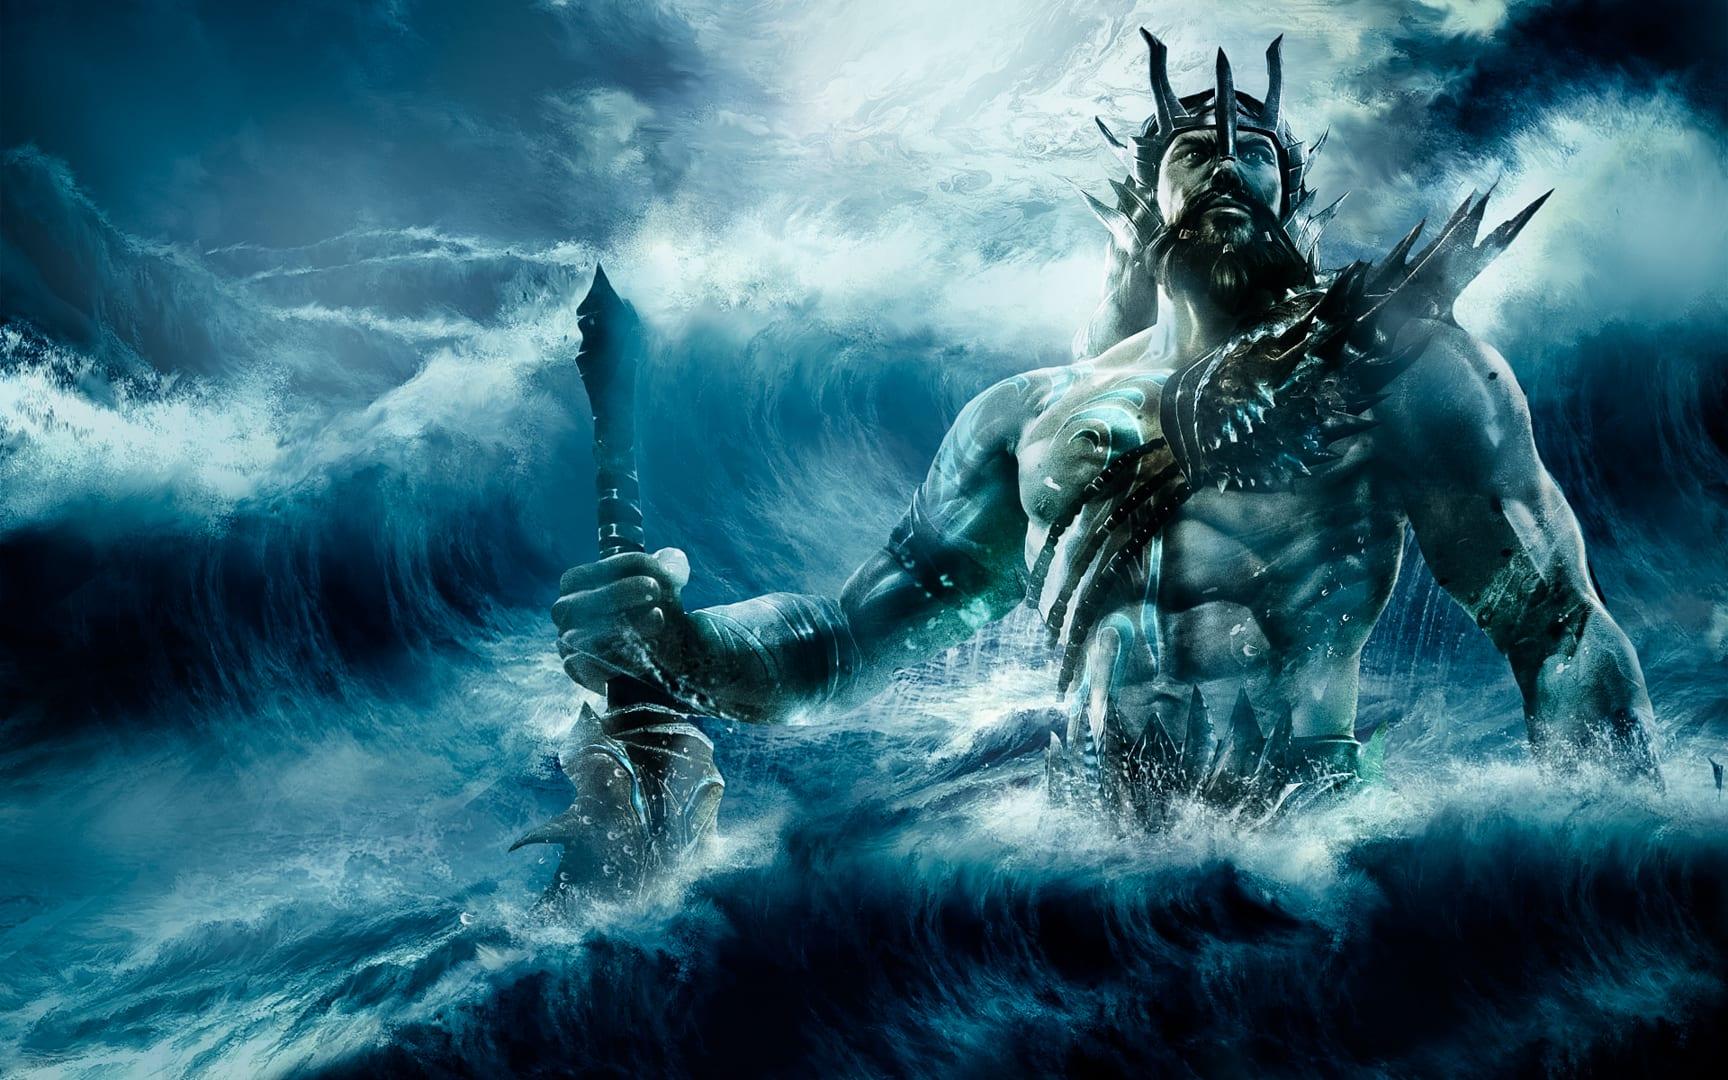 Poseidon - História, origem, poderes e família